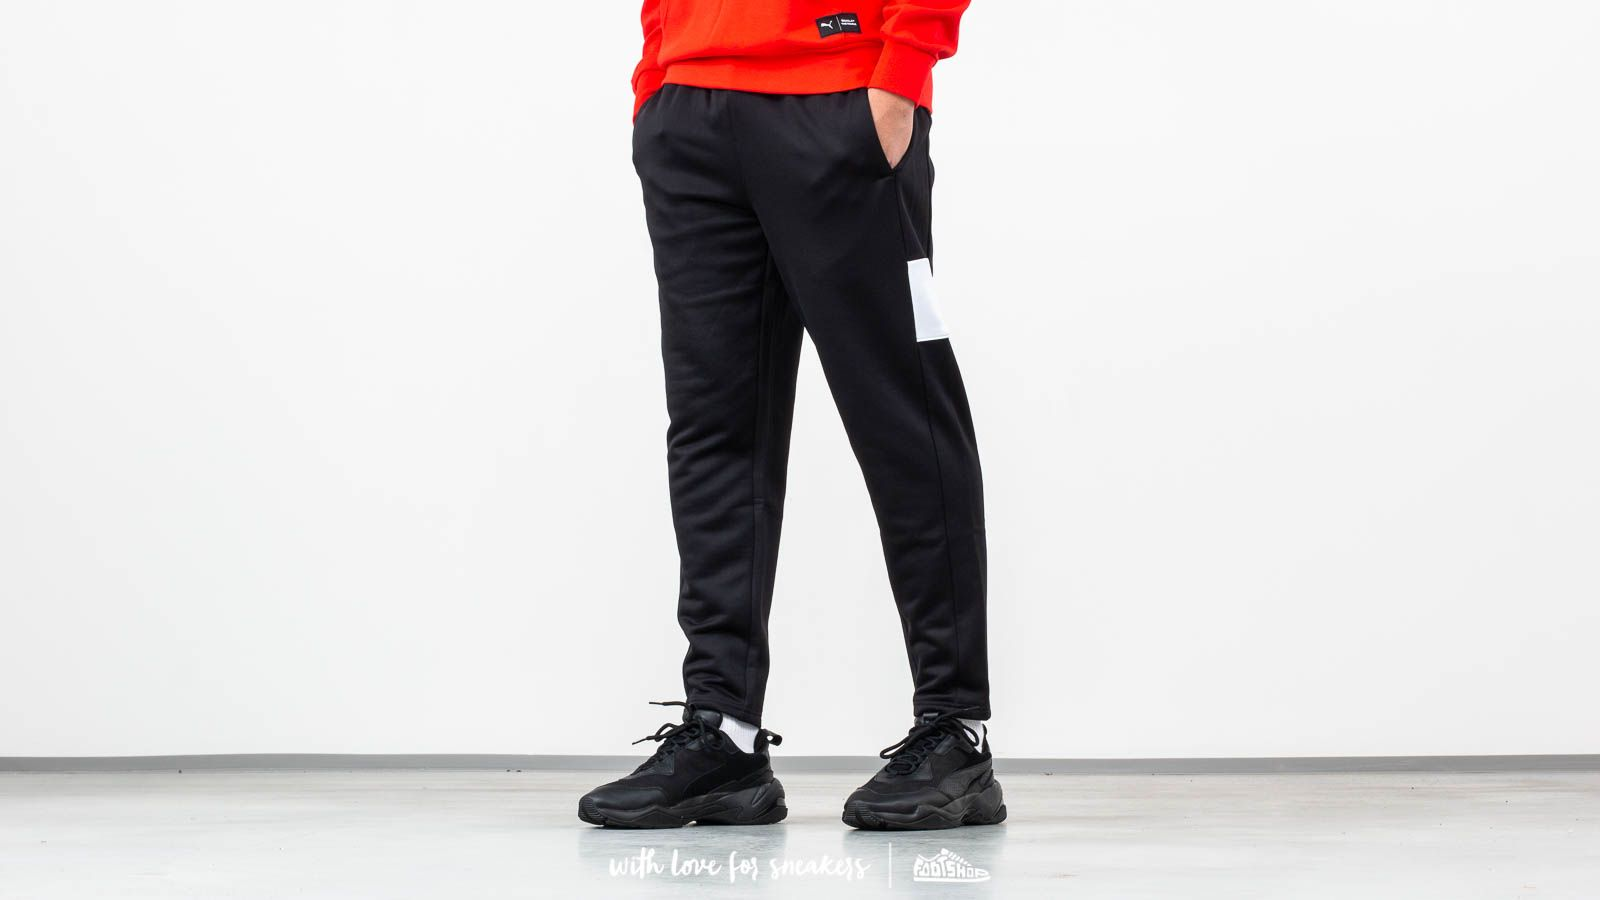 Džíny a kalhoty Puma Homage to Archive Crop Pants Black